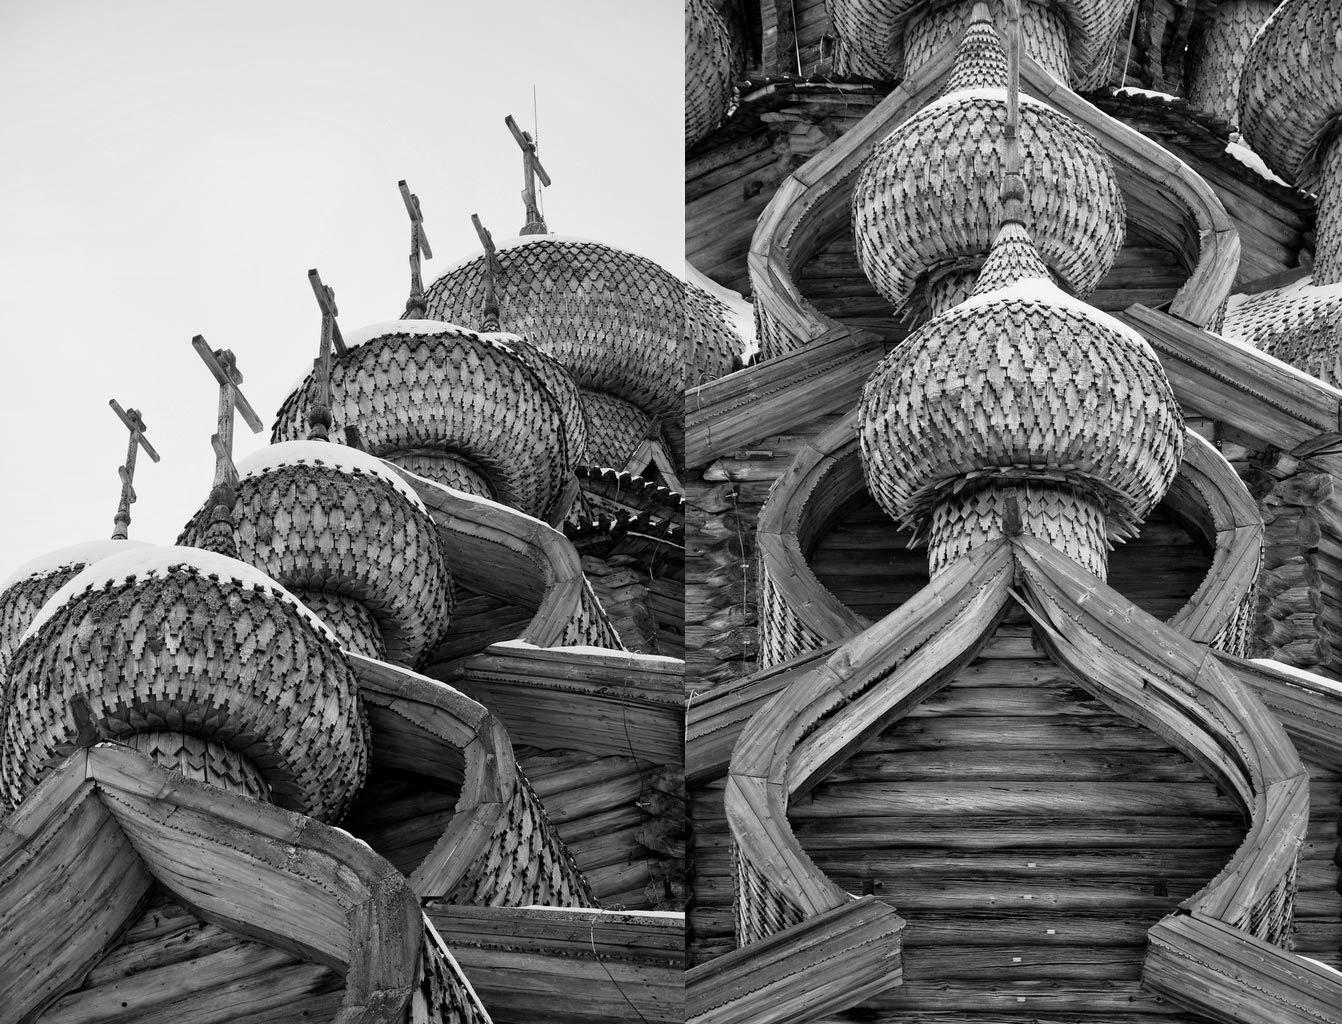 顕栄聖堂(プレオブラジェンスカヤ教会)の上部